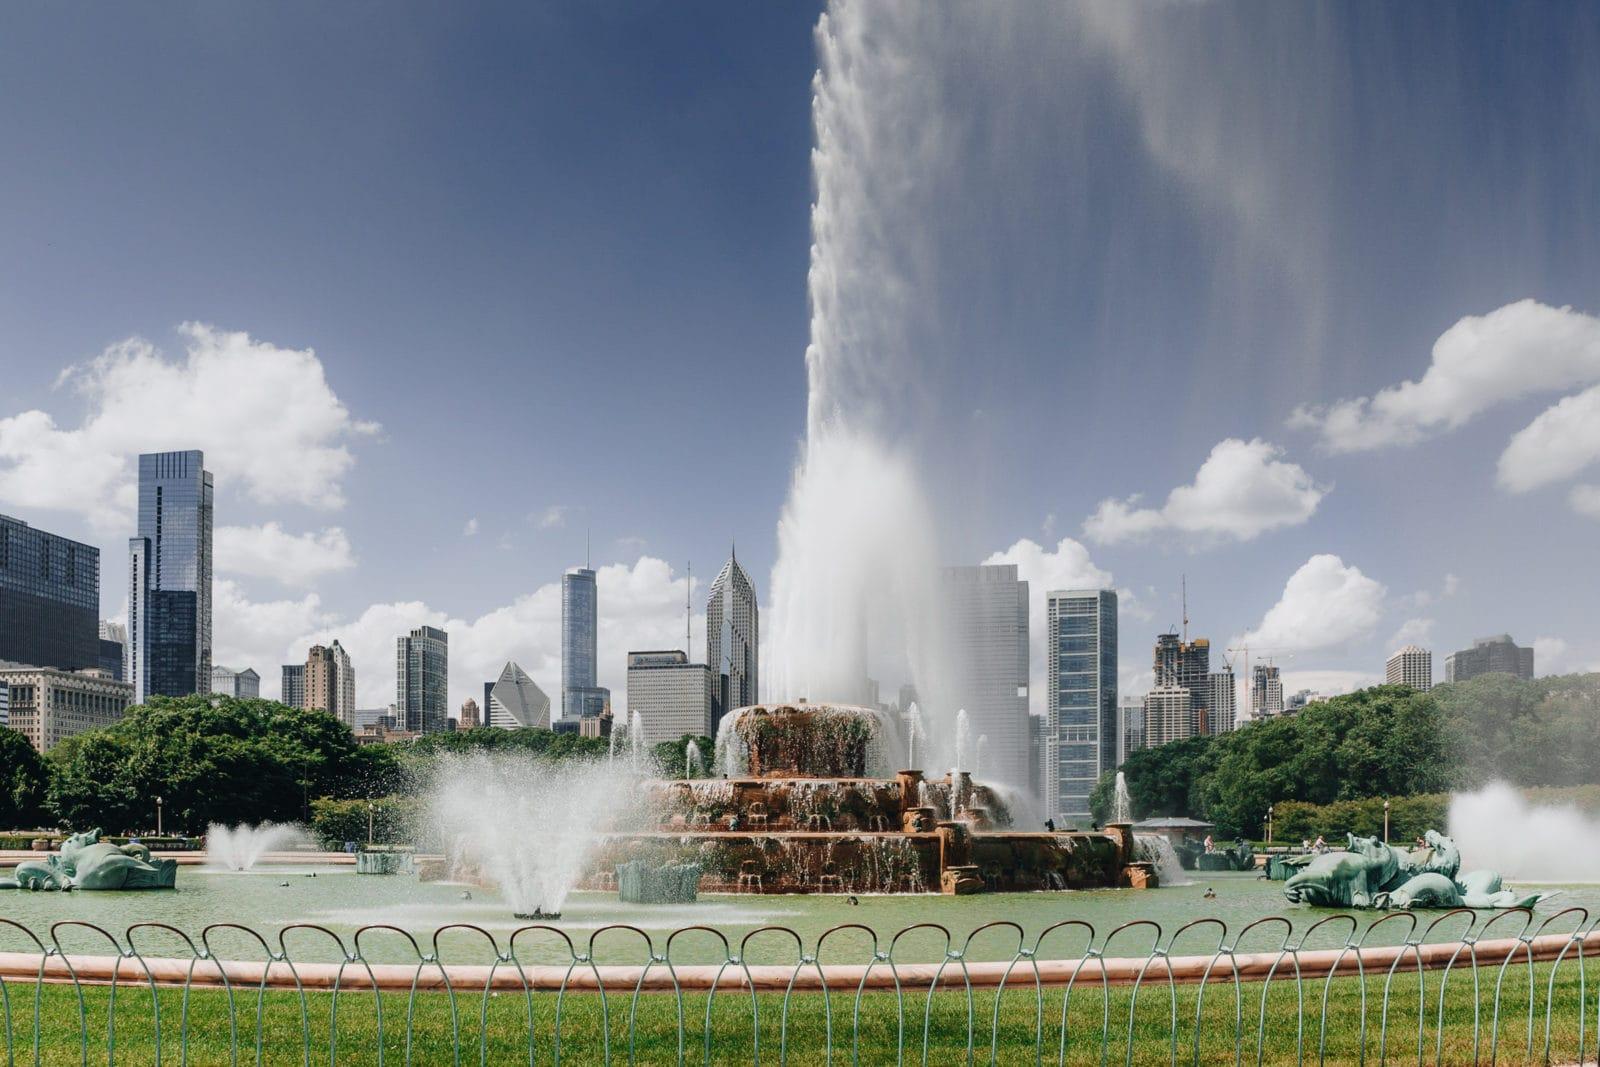 Chicago Sehenswürdigkeiten Buckingham Fountain Brunnen Al Bundy Eine schreckliche nette Familie